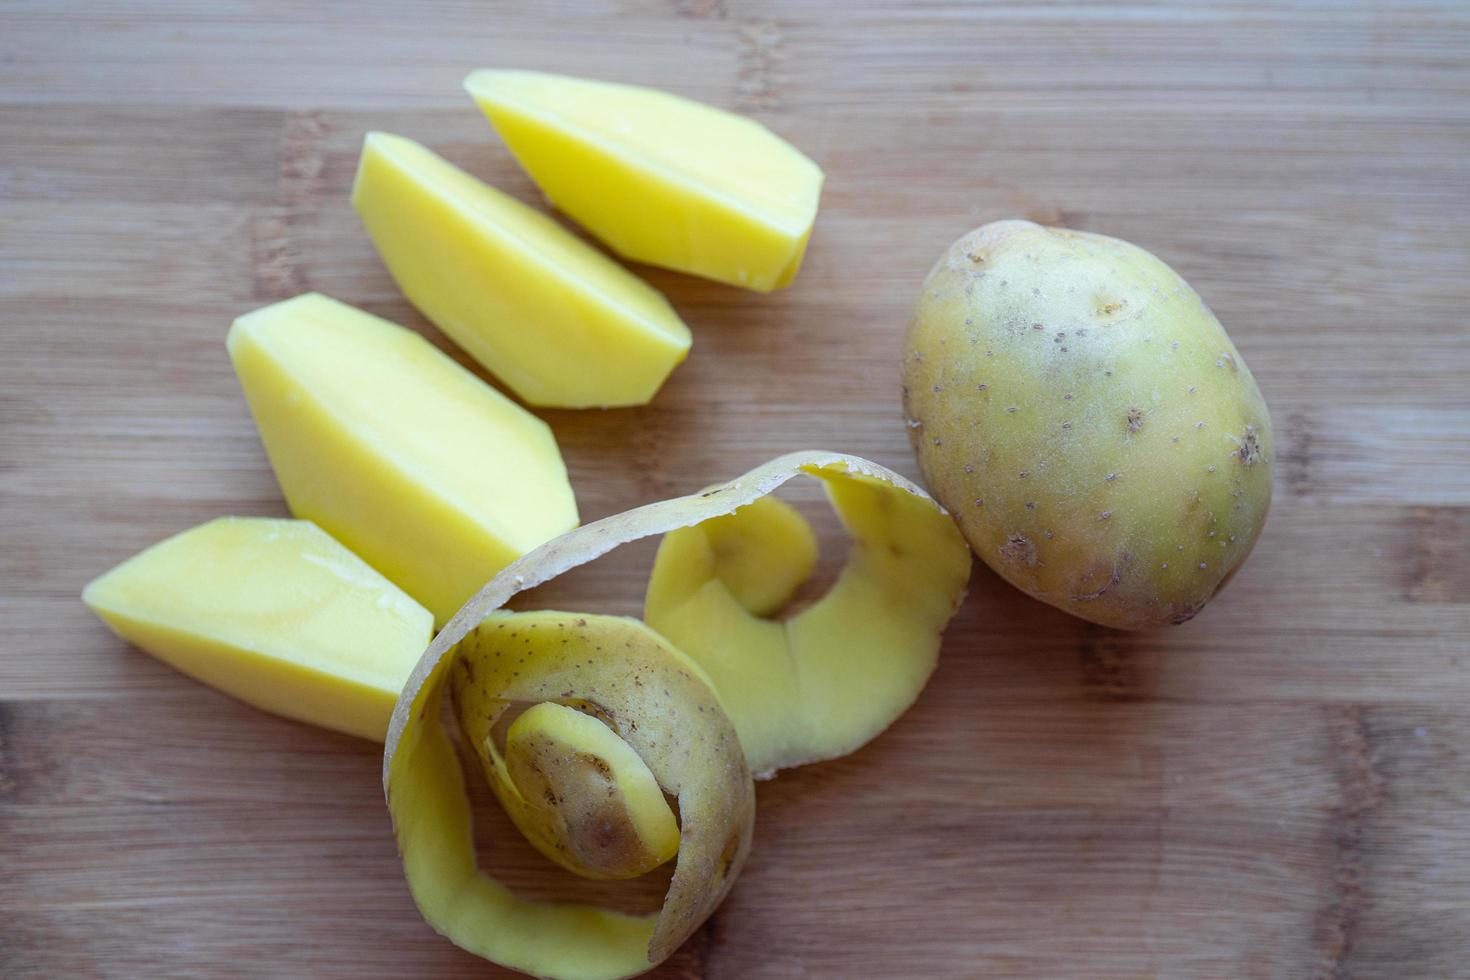 patate crude con la buccia su un tagliere foto